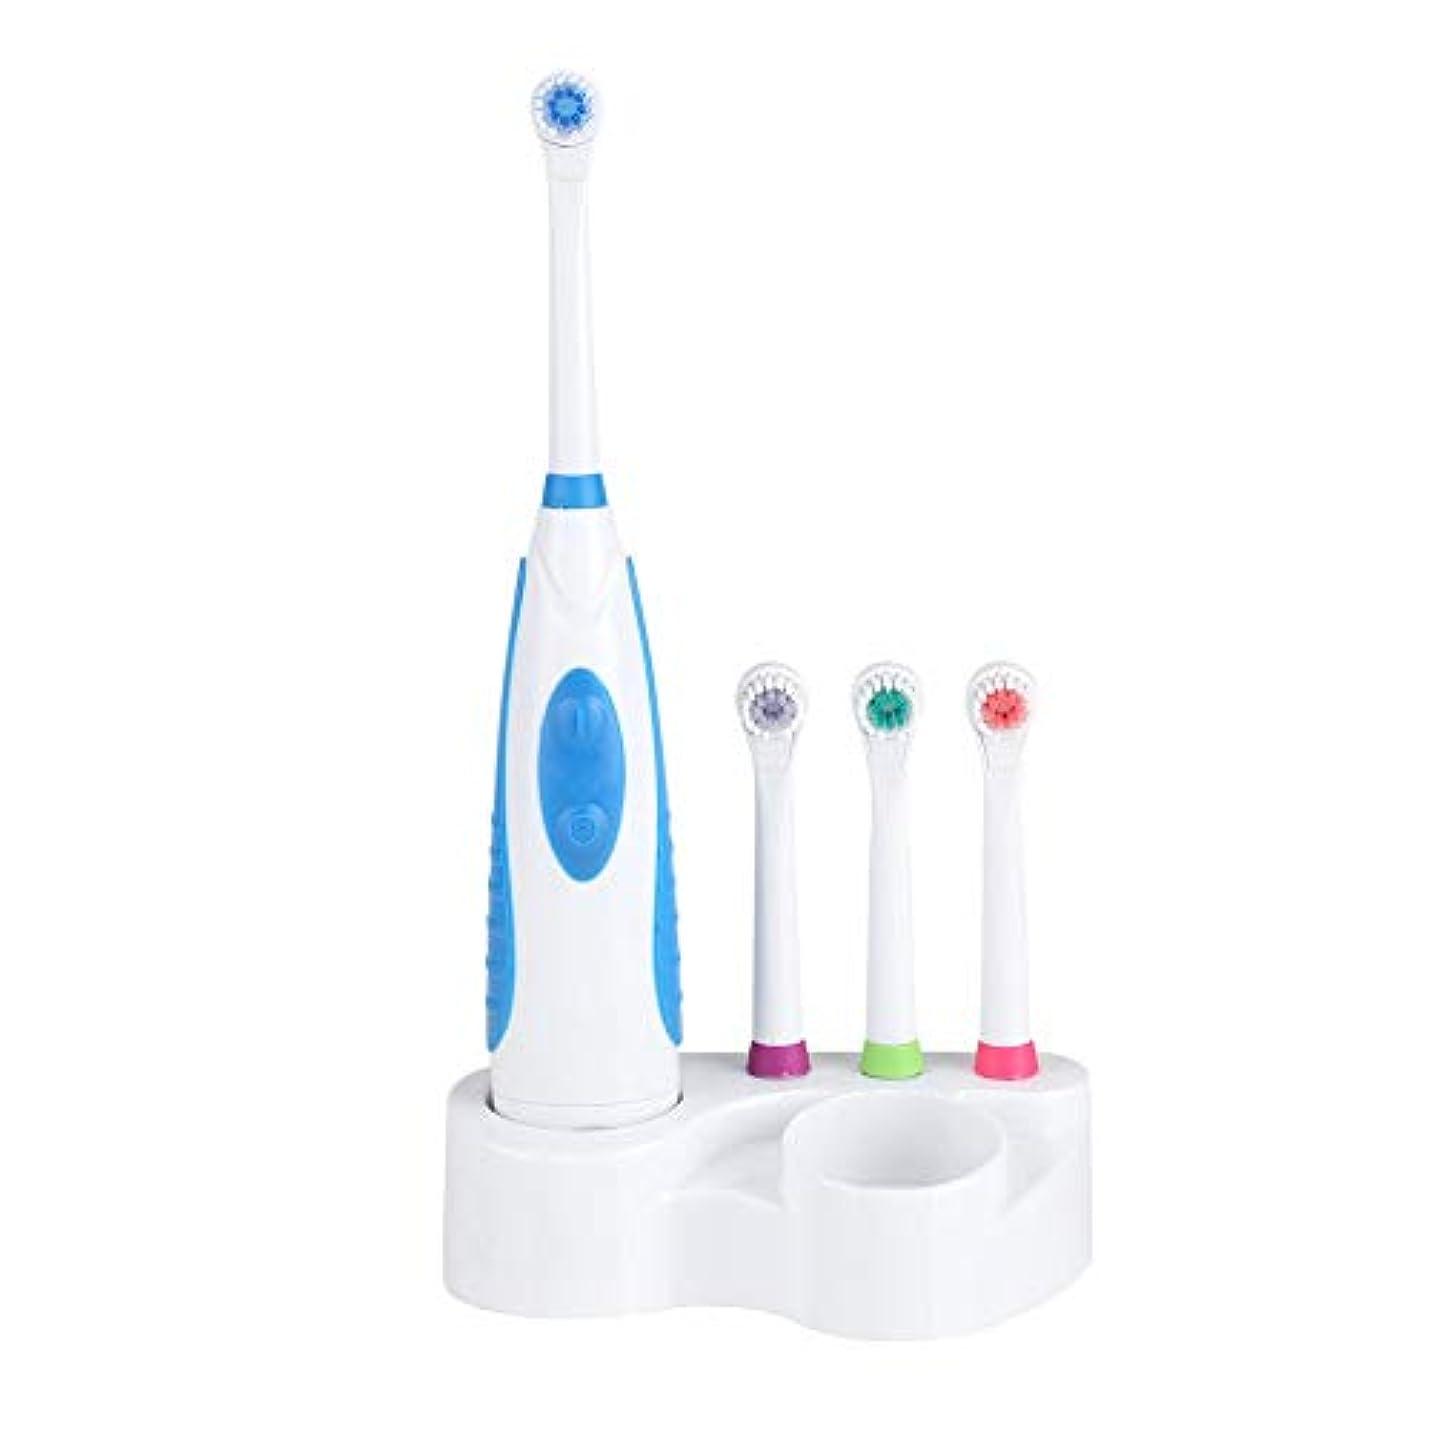 農業月曜日悩み電動歯ブラシ3個の交換用ヘッドとホルダー付き電動歯ブラシホワイトニングクレンジングオーラルケア(Blue)